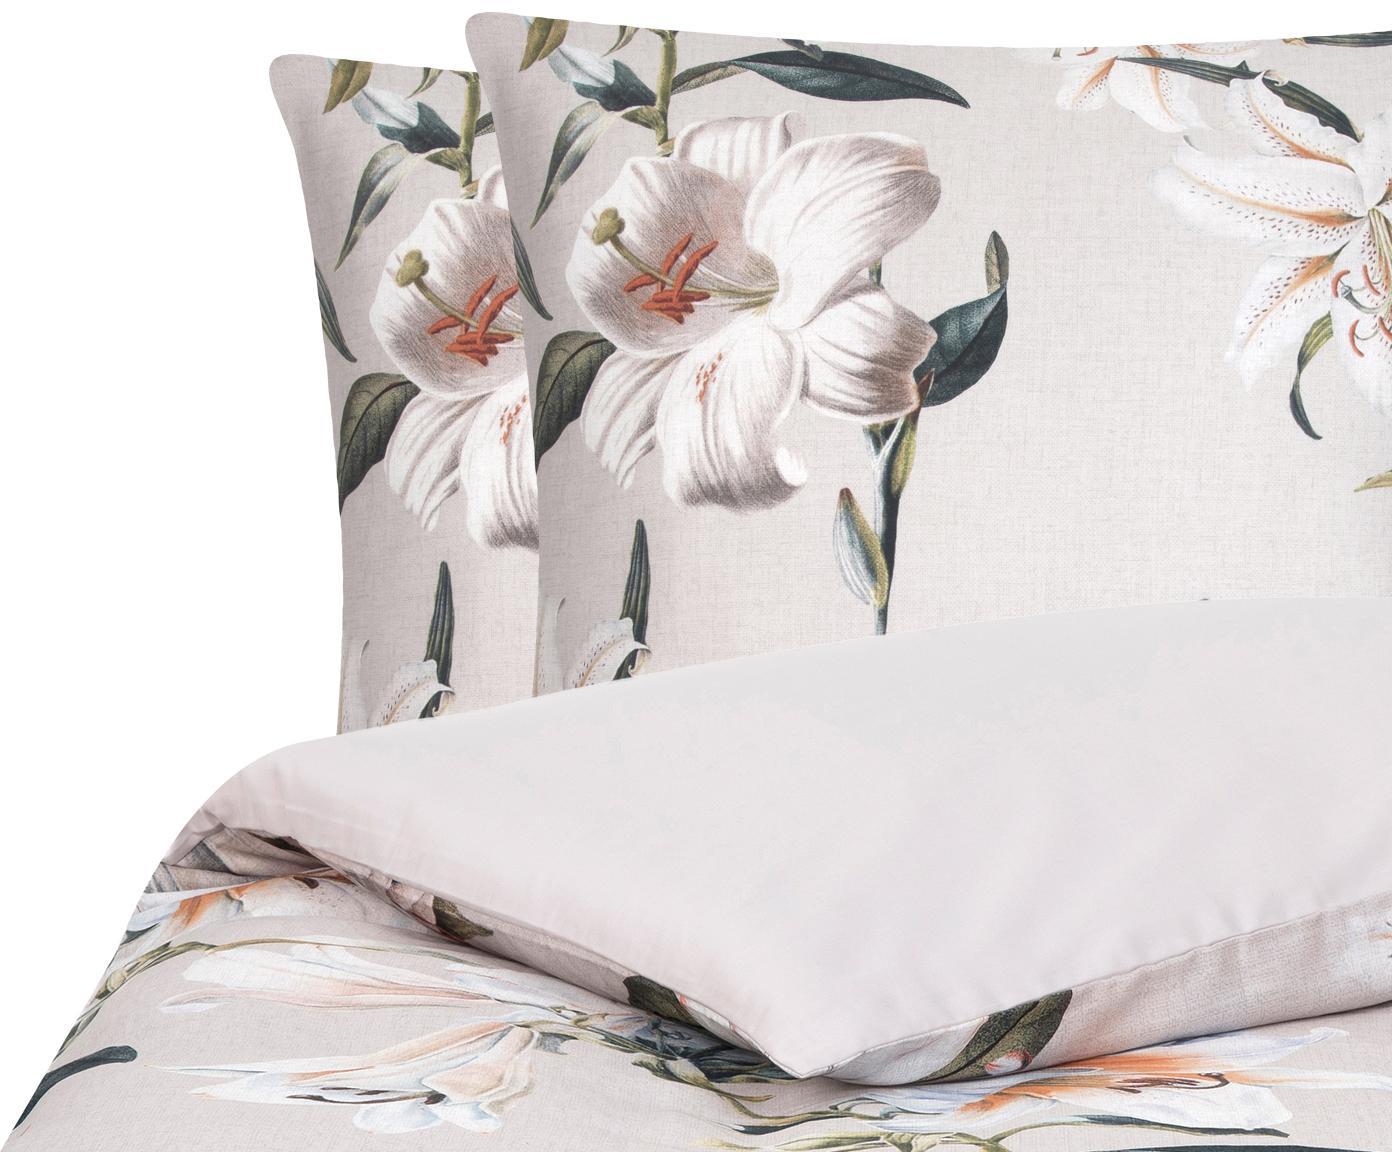 Baumwollsatin-Bettwäsche Flori mit Blumen-Print, Webart: Satin Fadendichte 210 TC,, Vorderseite: Beige, CremeweißRückseite: Beige, 240 x 220 cm + 2 Kissen 80 x 80 cm